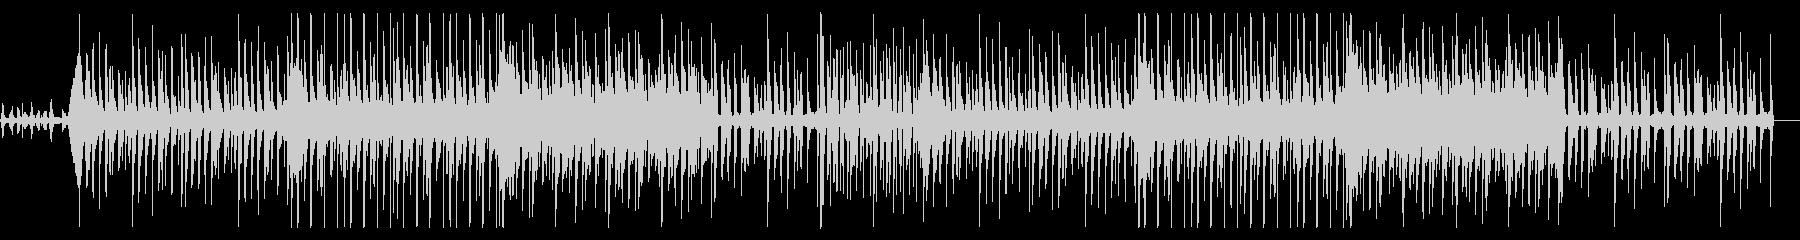 不思議テイストのBGM風エレクトロ楽曲の未再生の波形